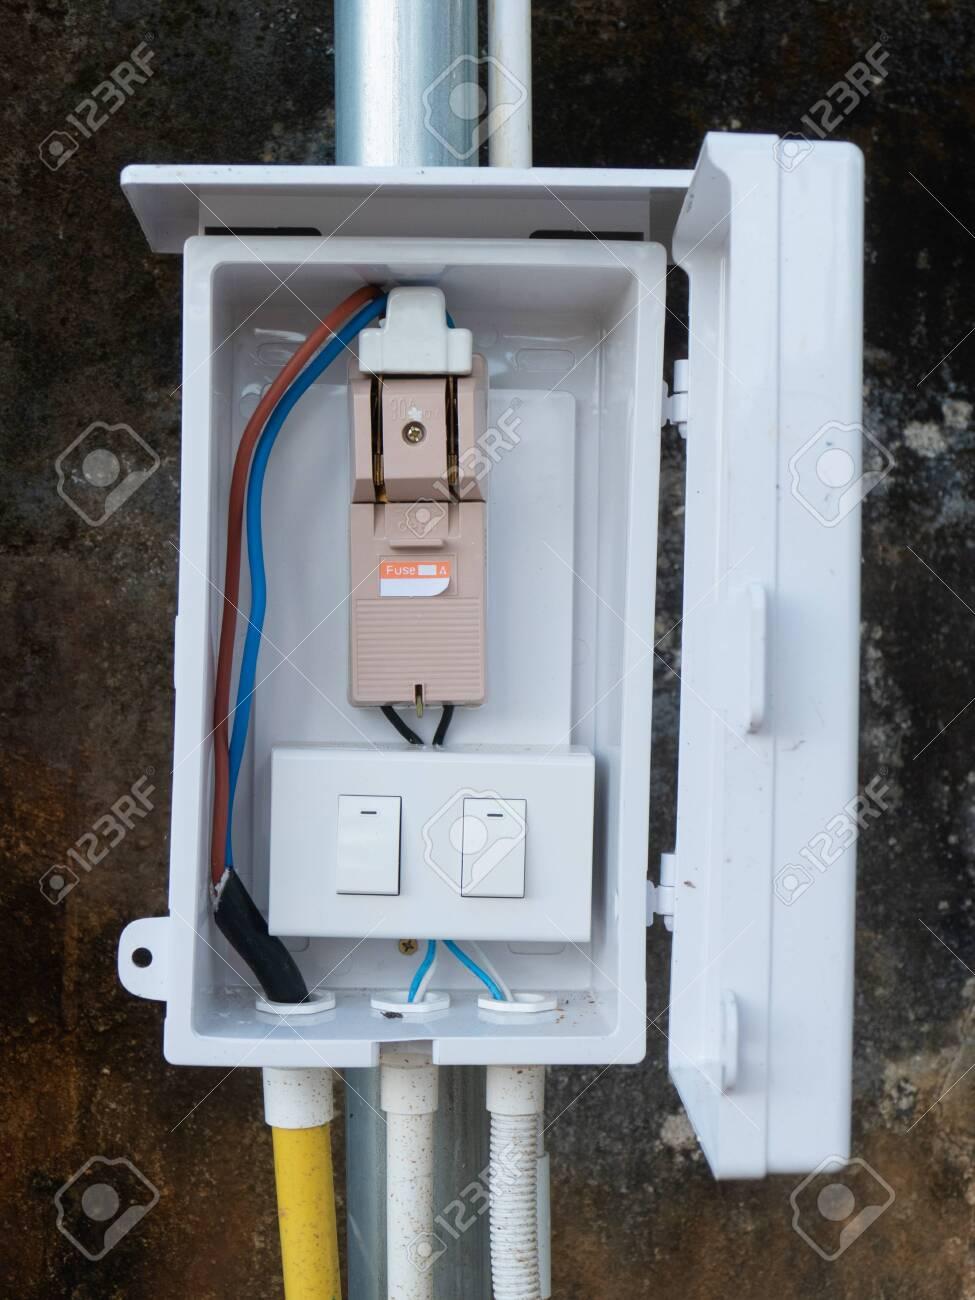 outdoor home fuse box - wiring diagrams craft-manage-a -  craft-manage-a.alcuoredeldiabete.it  al cuore del diabete